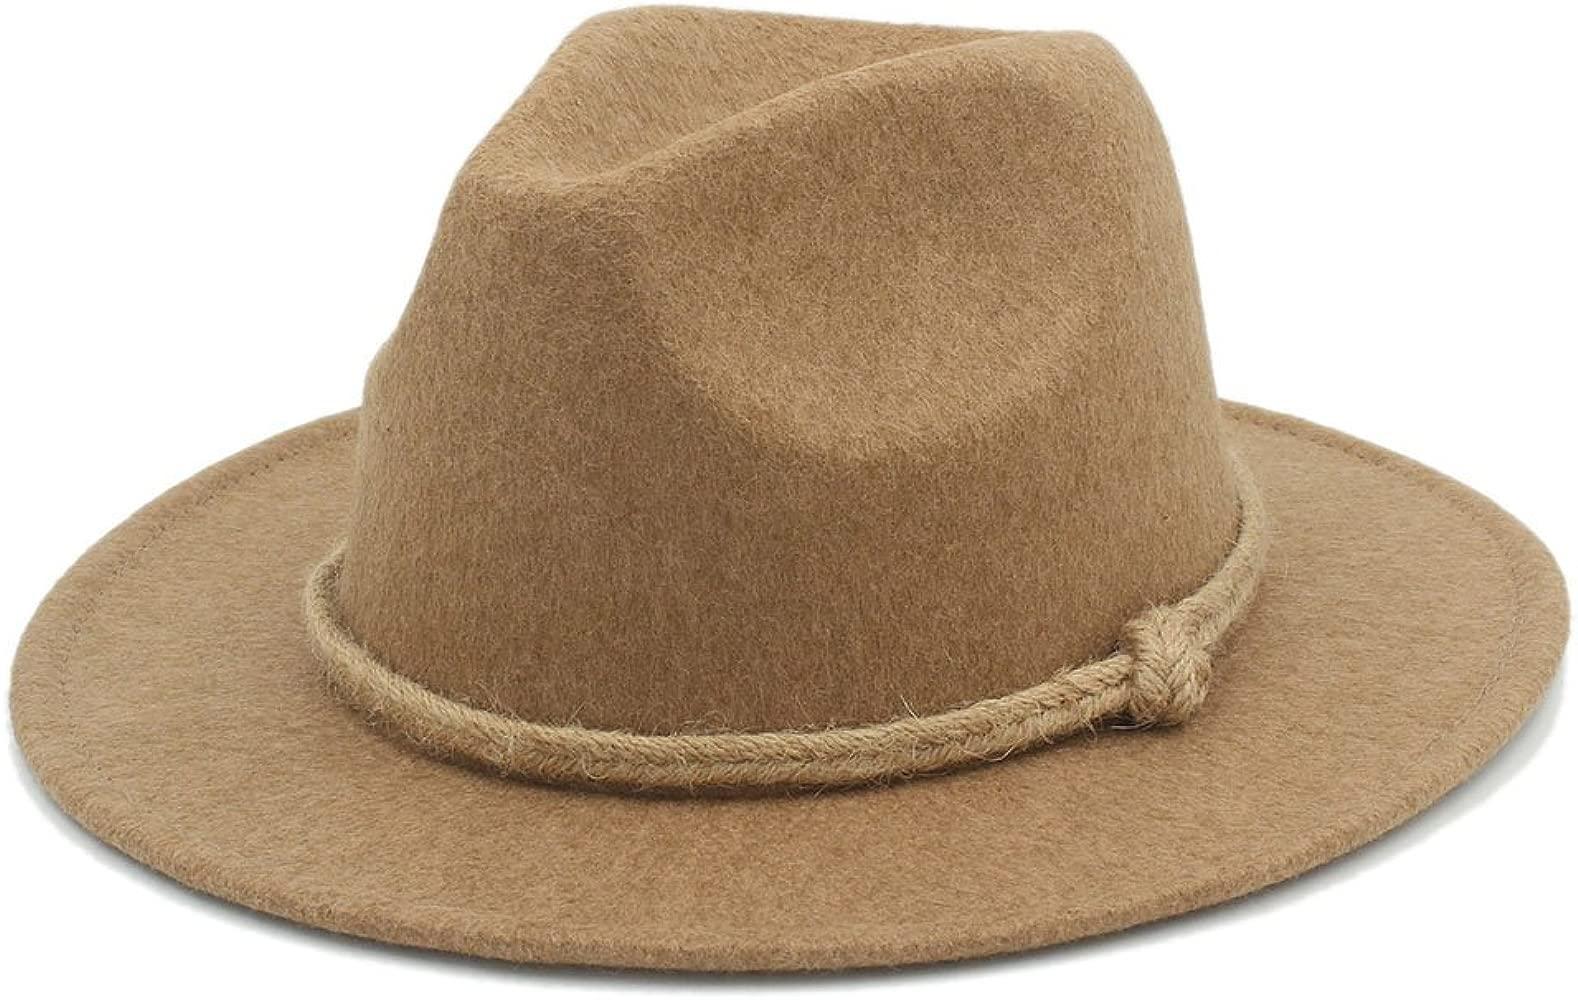 YQXR Moda Sombreros Sombrero Fedora de moda para hombre